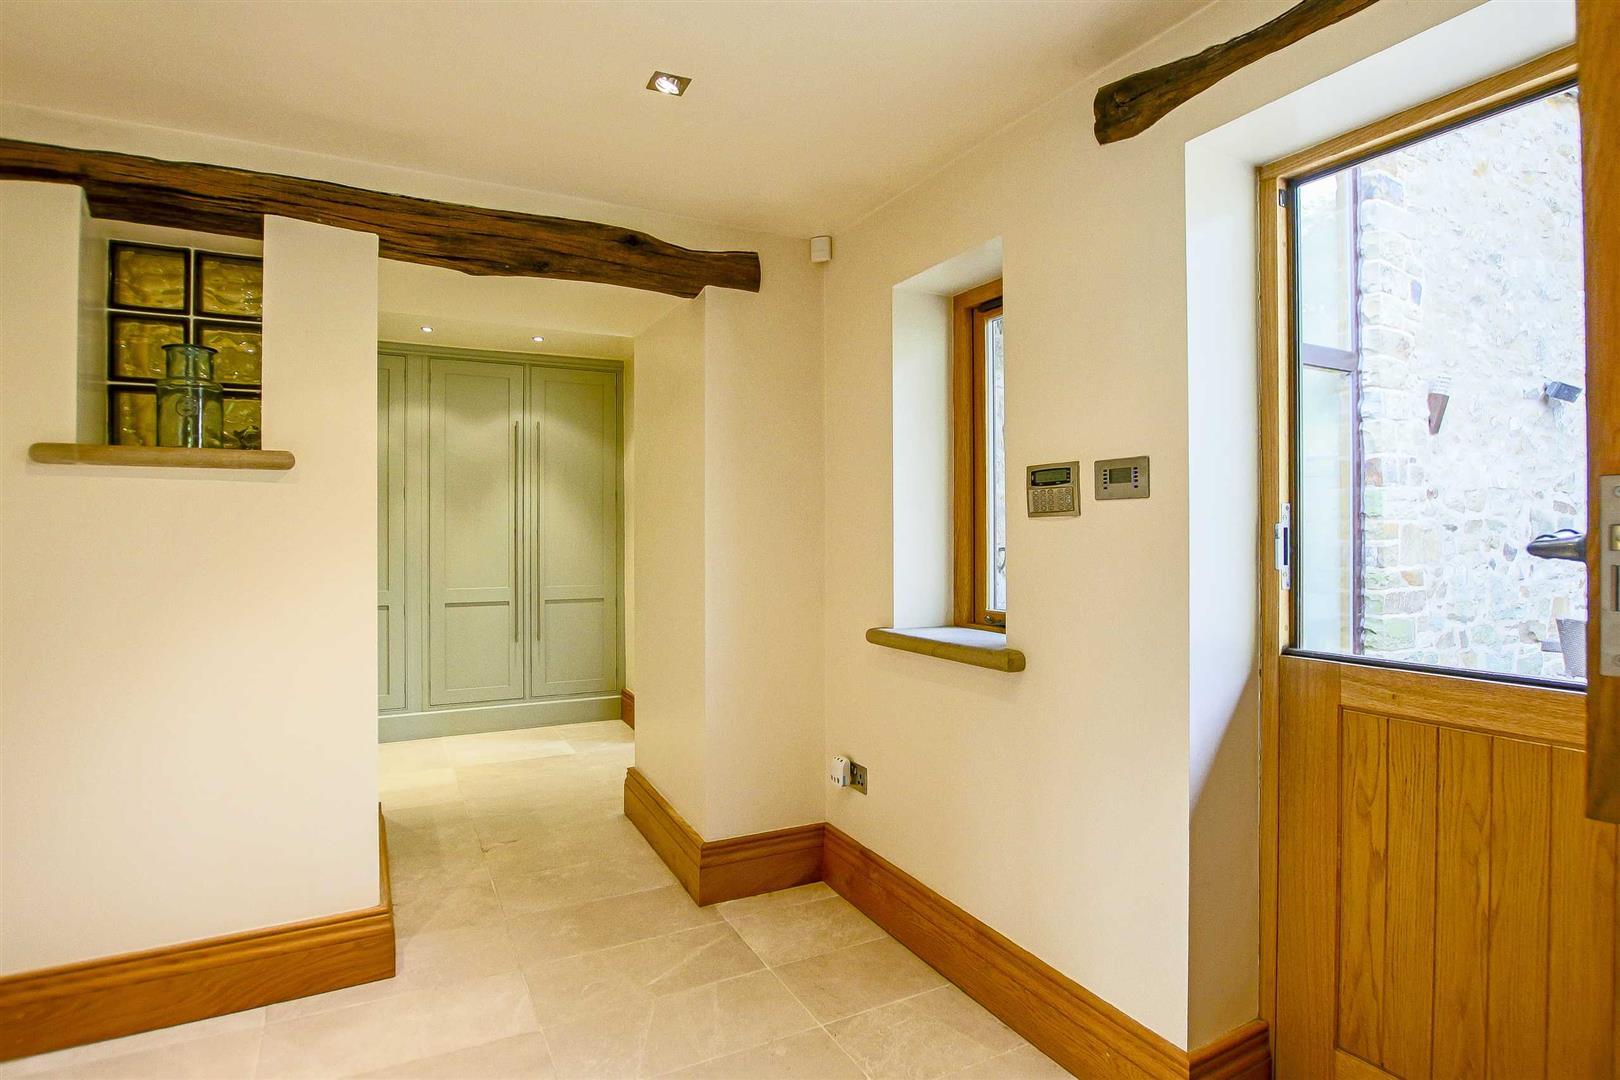 5 Bedroom Cottage For Sale - Image 39